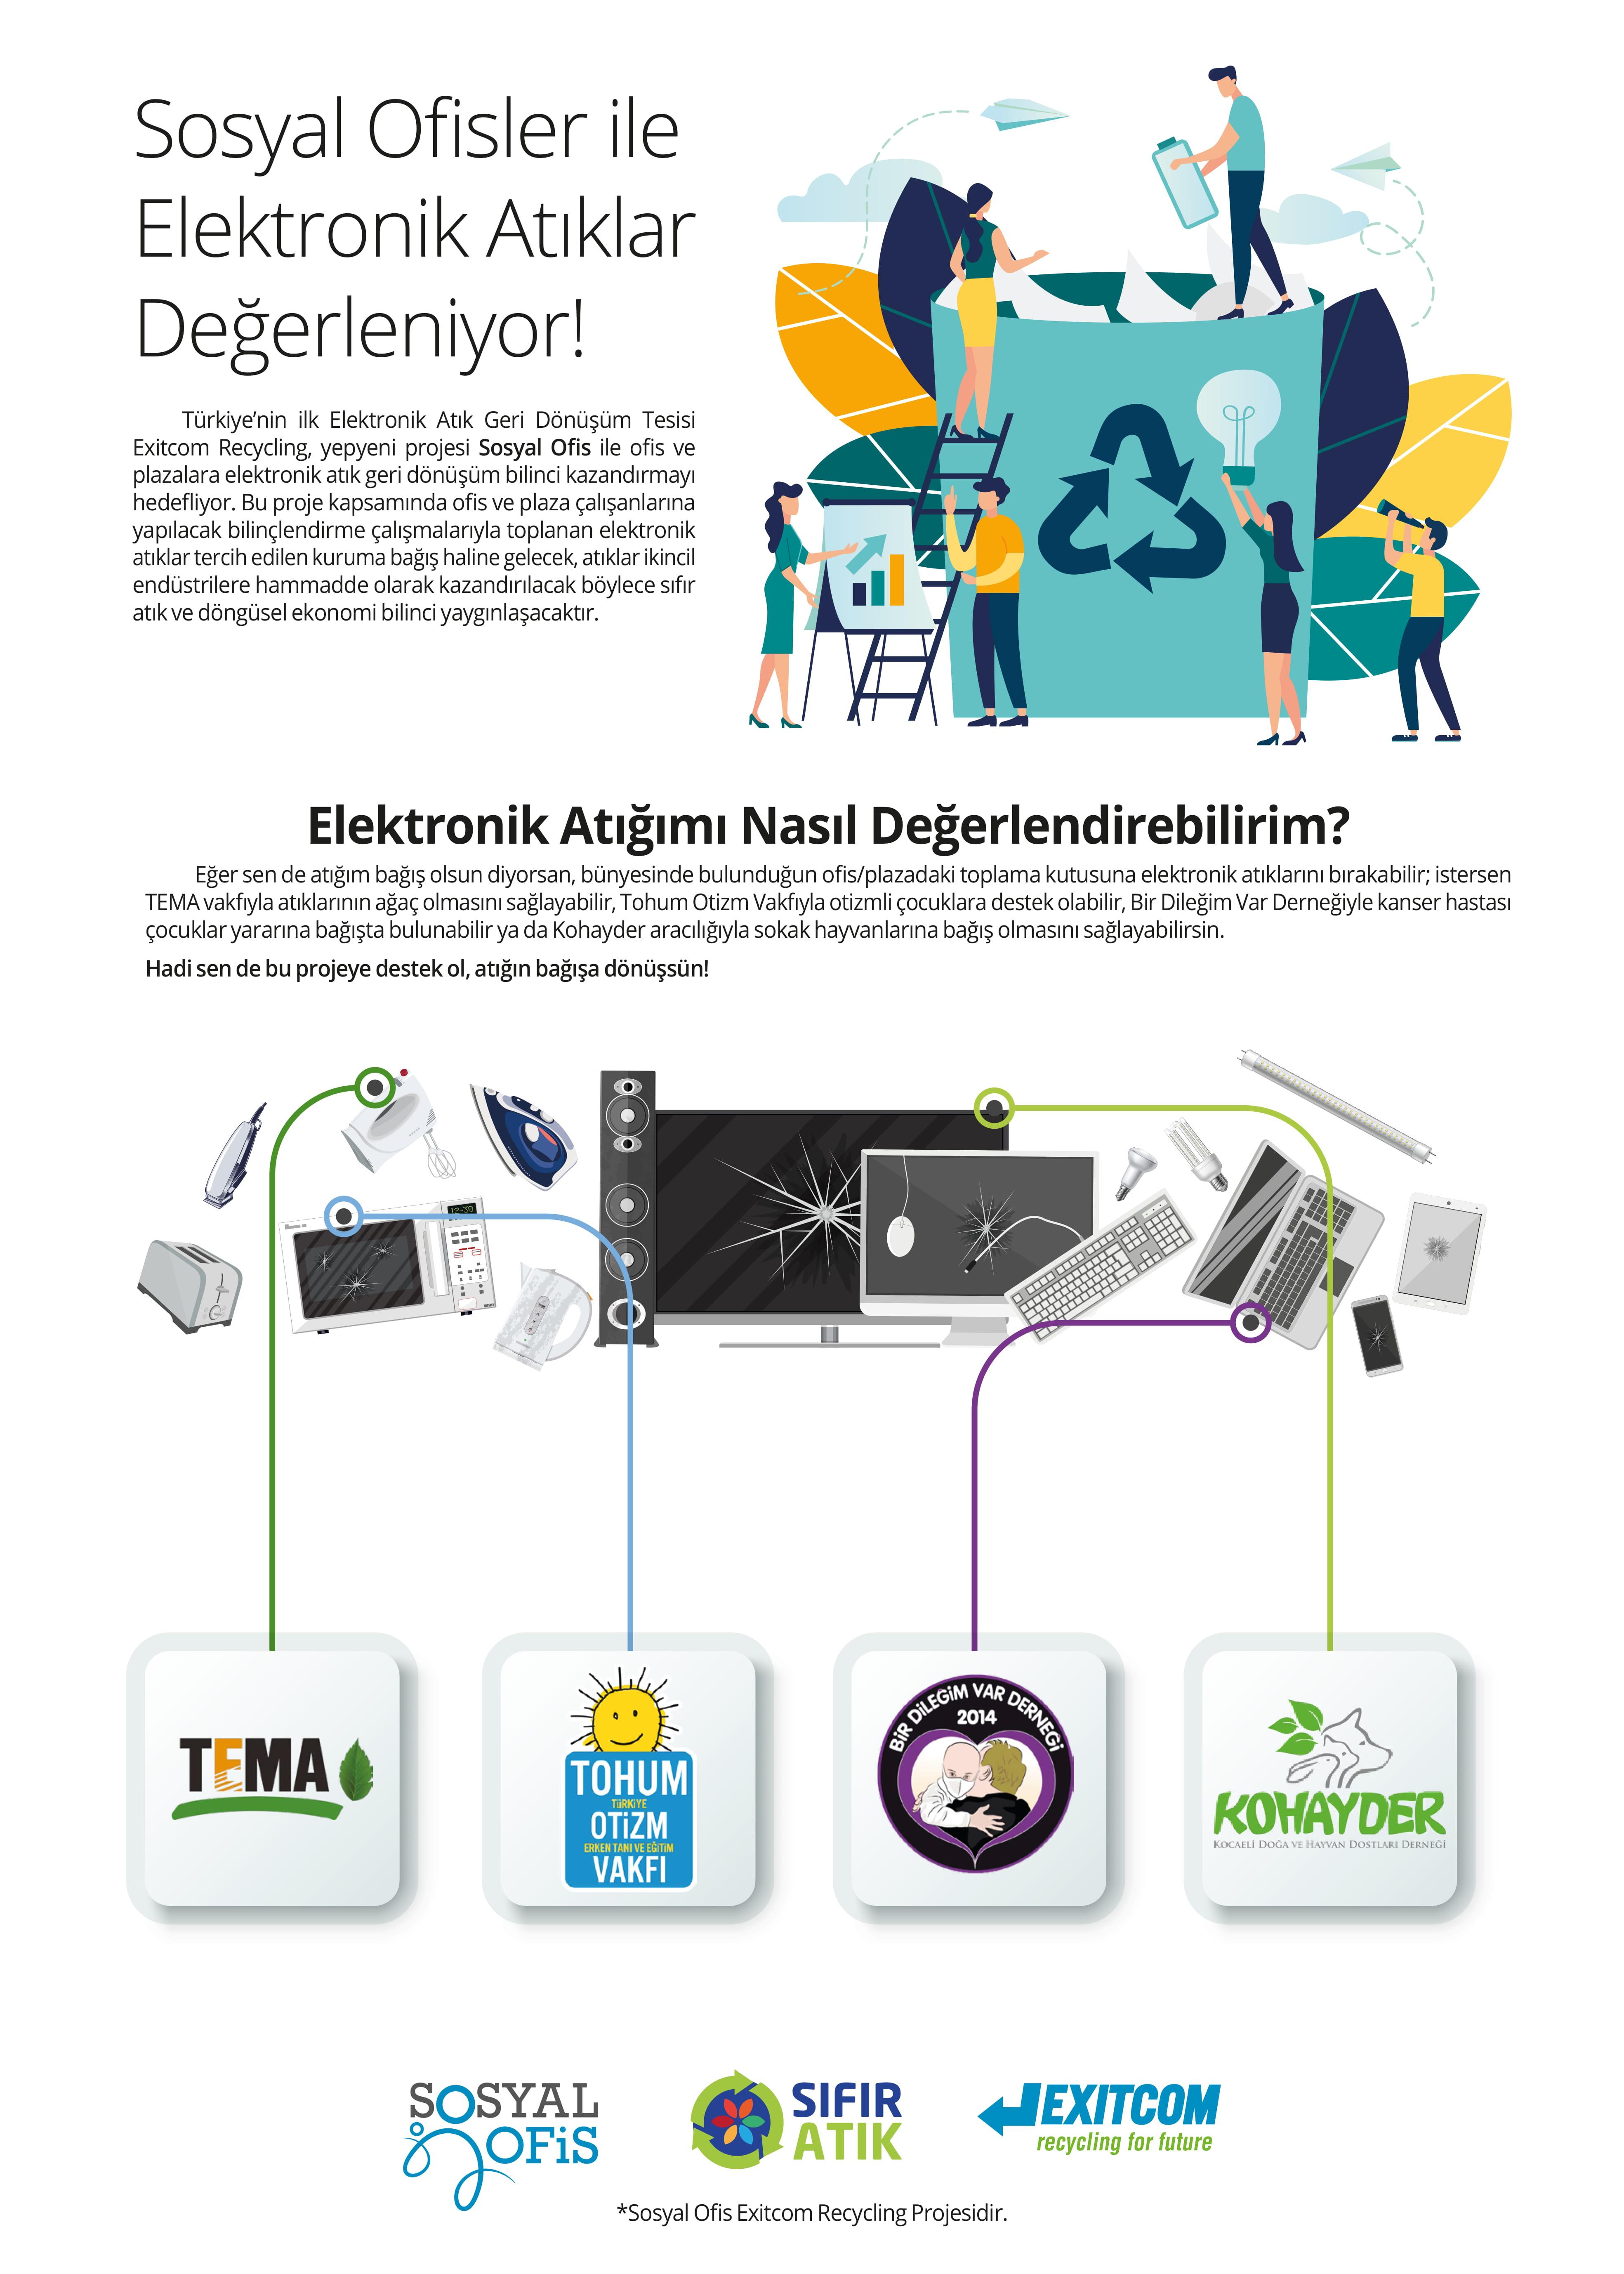 sosyalofis_afis-1 SOSYAL OFİSLER İLE ELEKTRONİK ATIKLAR DEĞERLENİYOR!